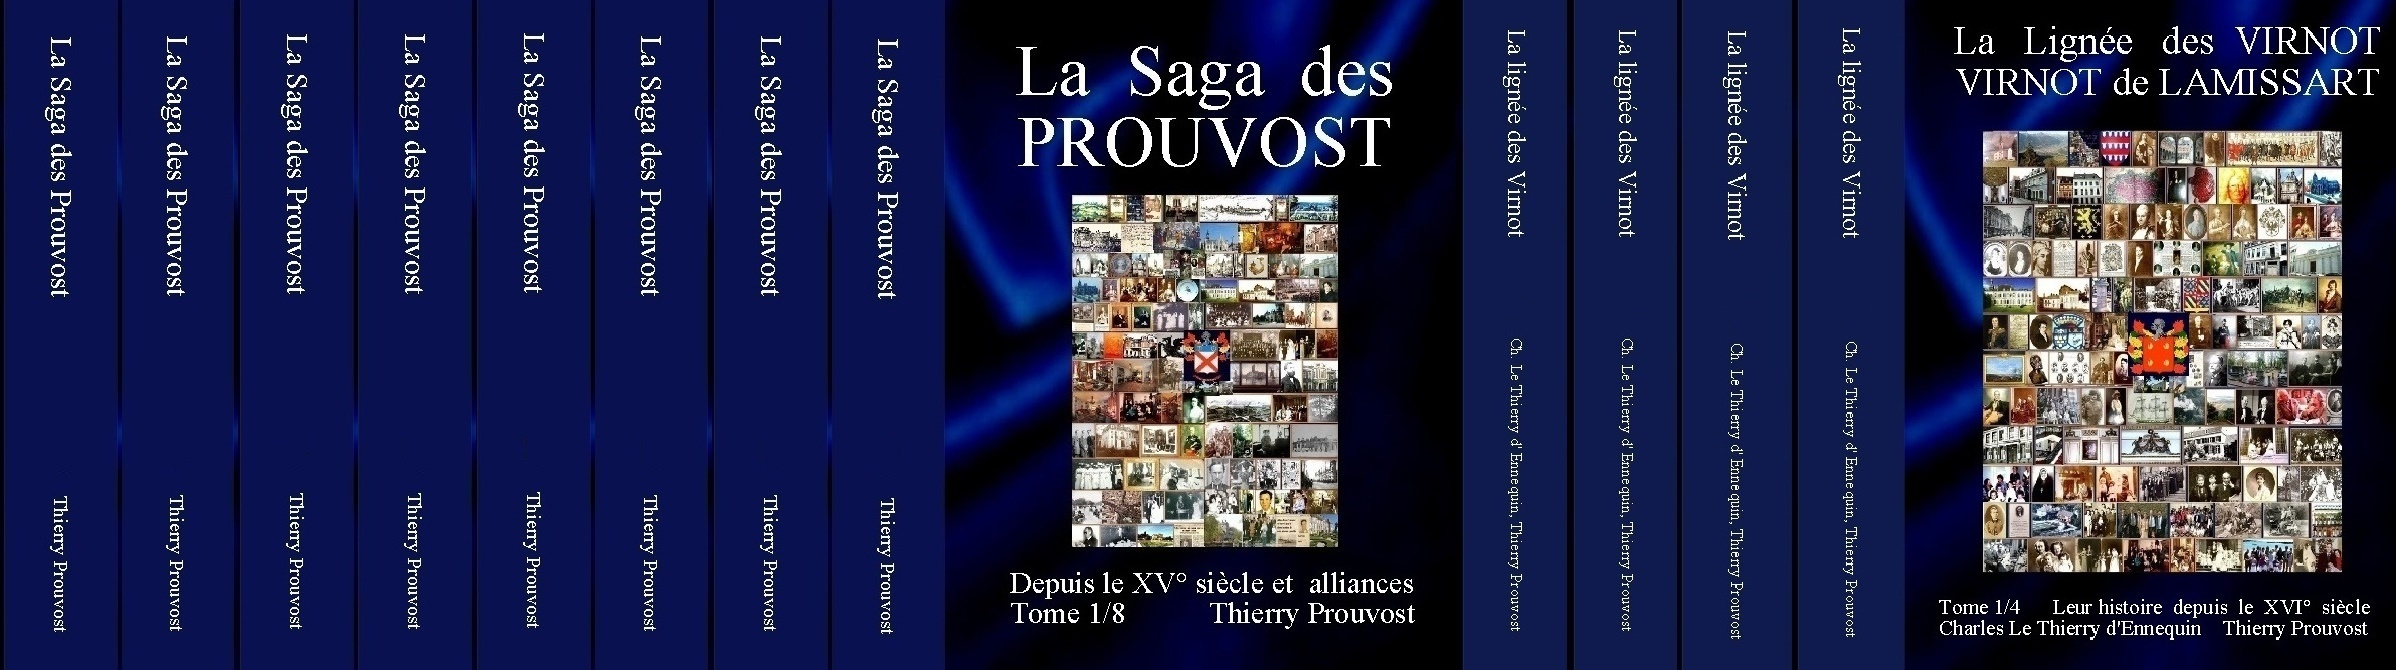 Prouvost-Virnot-12-tomes